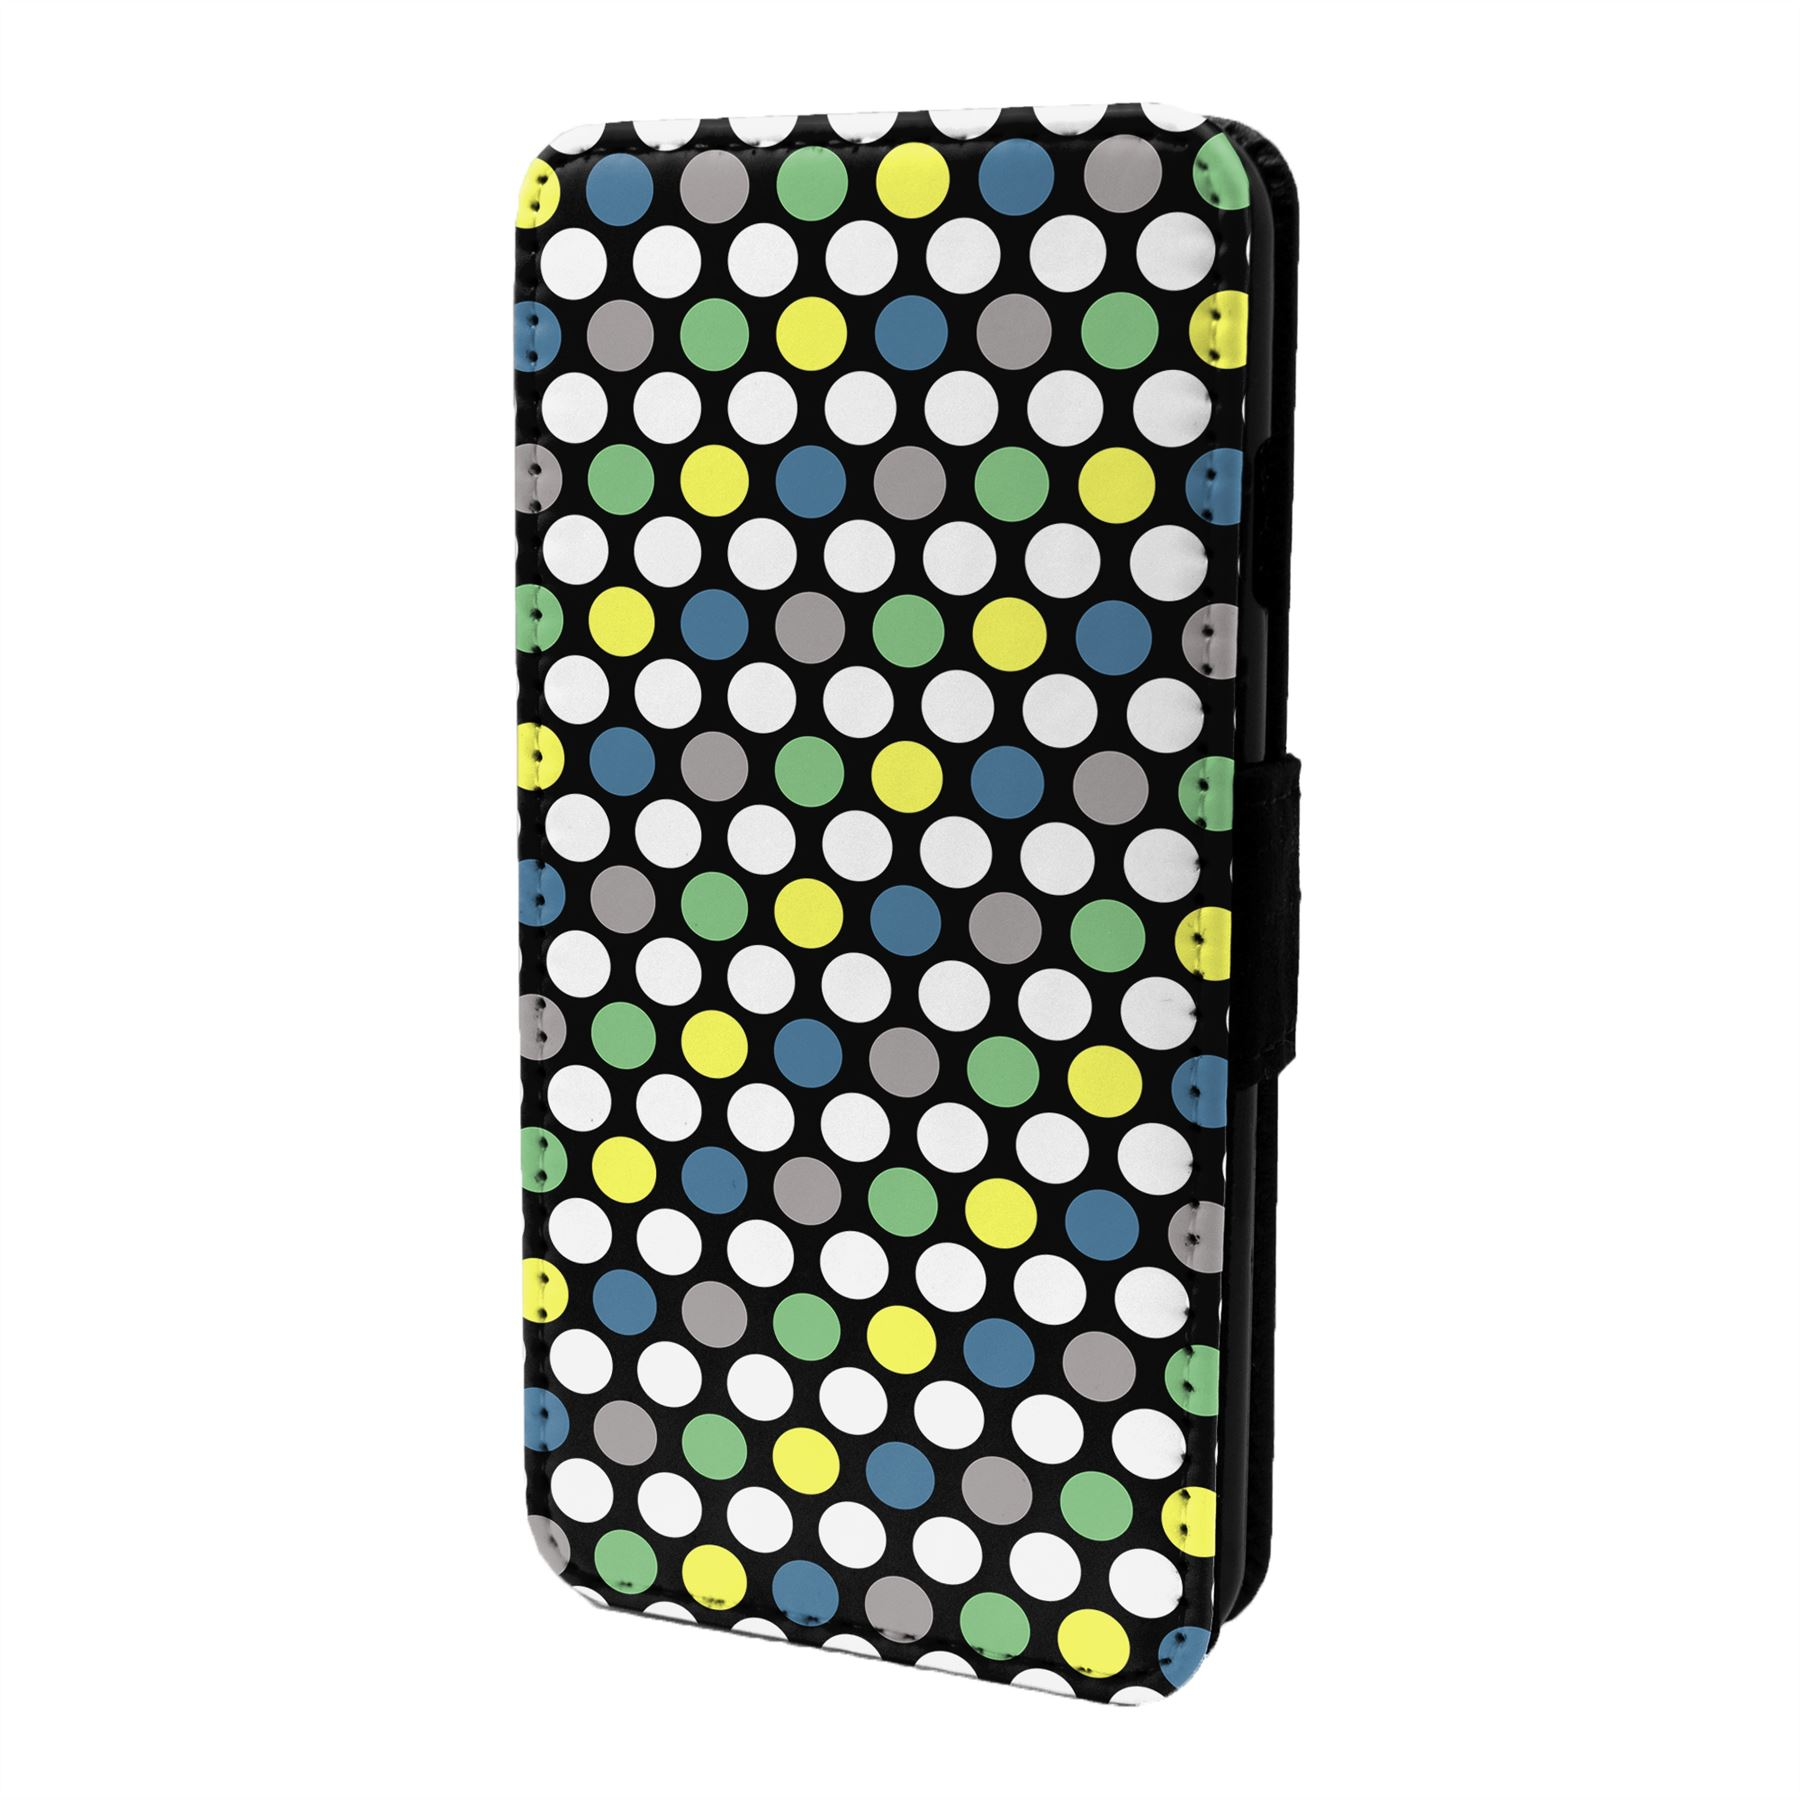 Polka-Dots-Estampado-Funda-Libro-para-Telefono-Movil-S7048